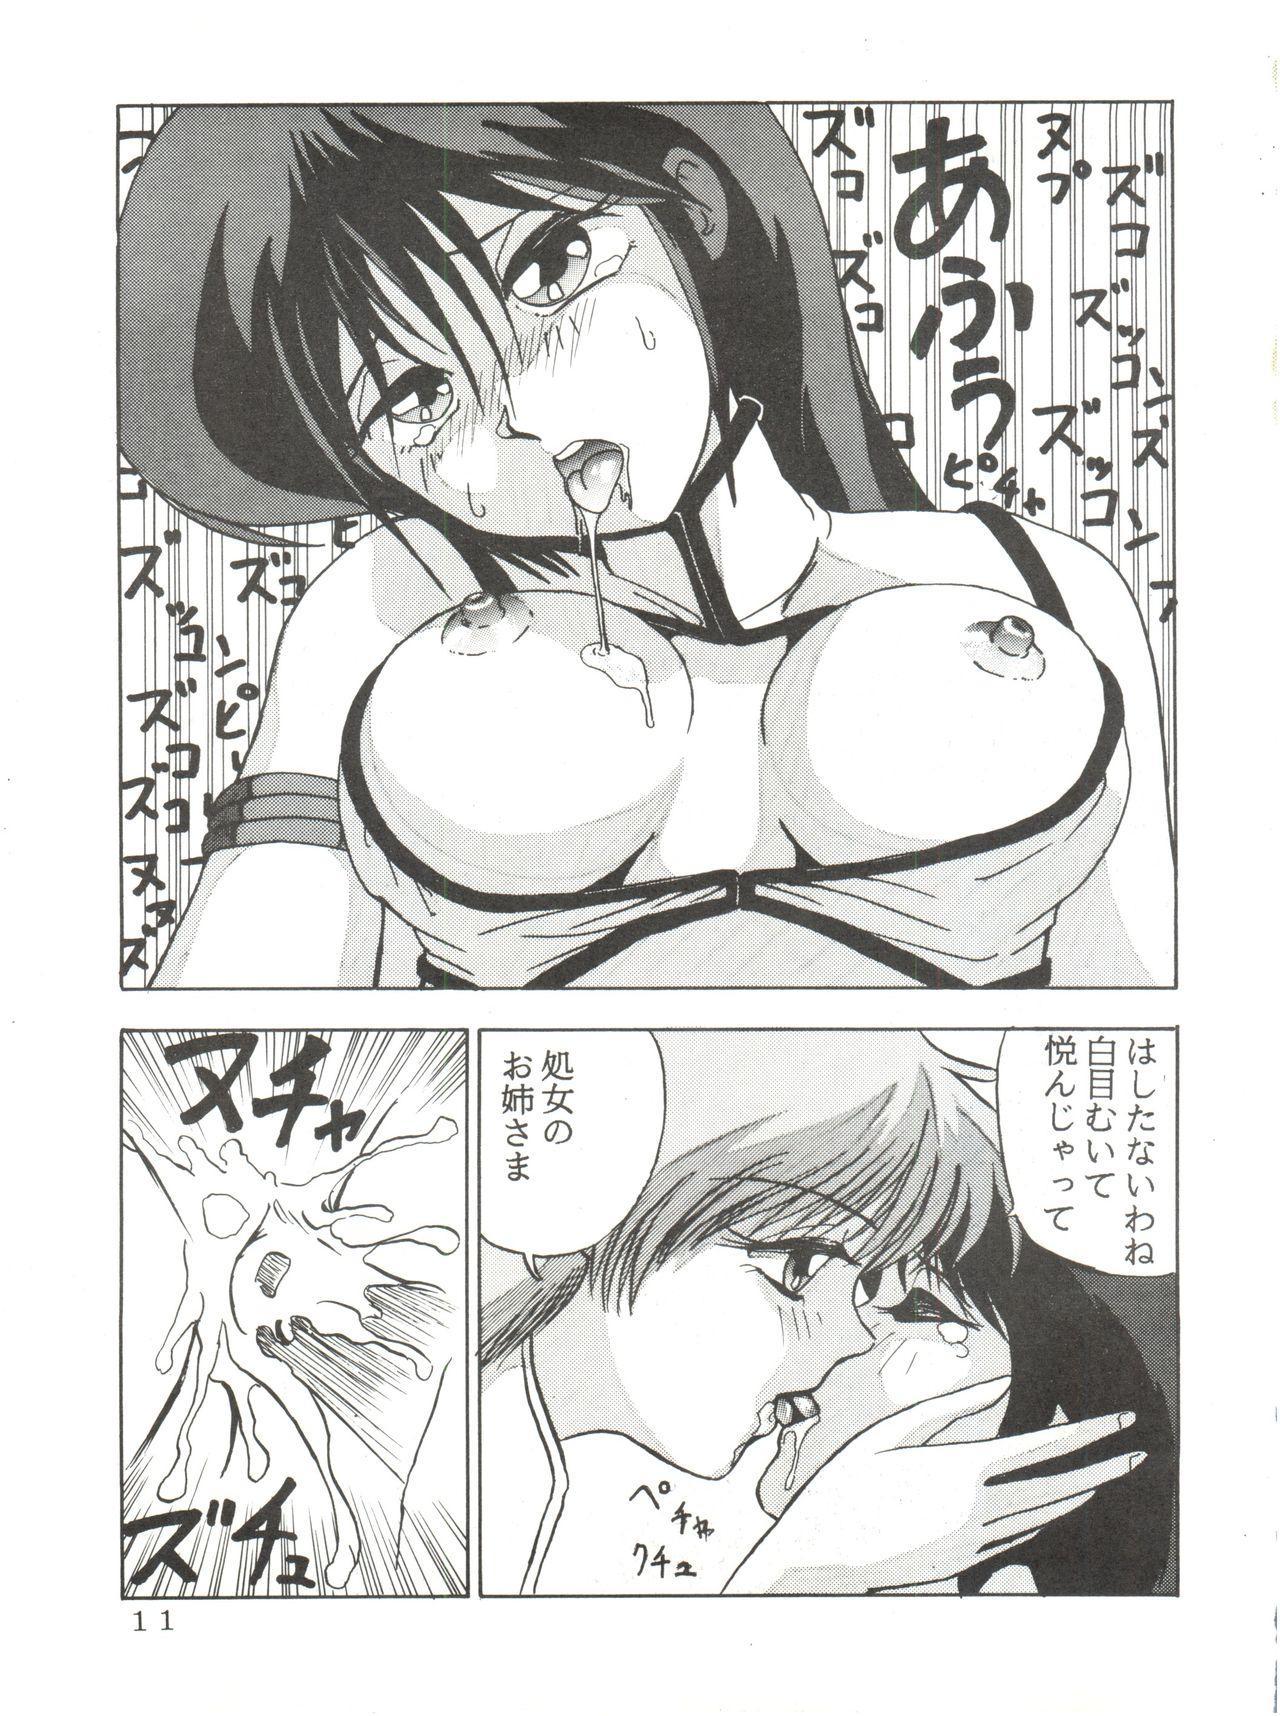 Animedorei 11